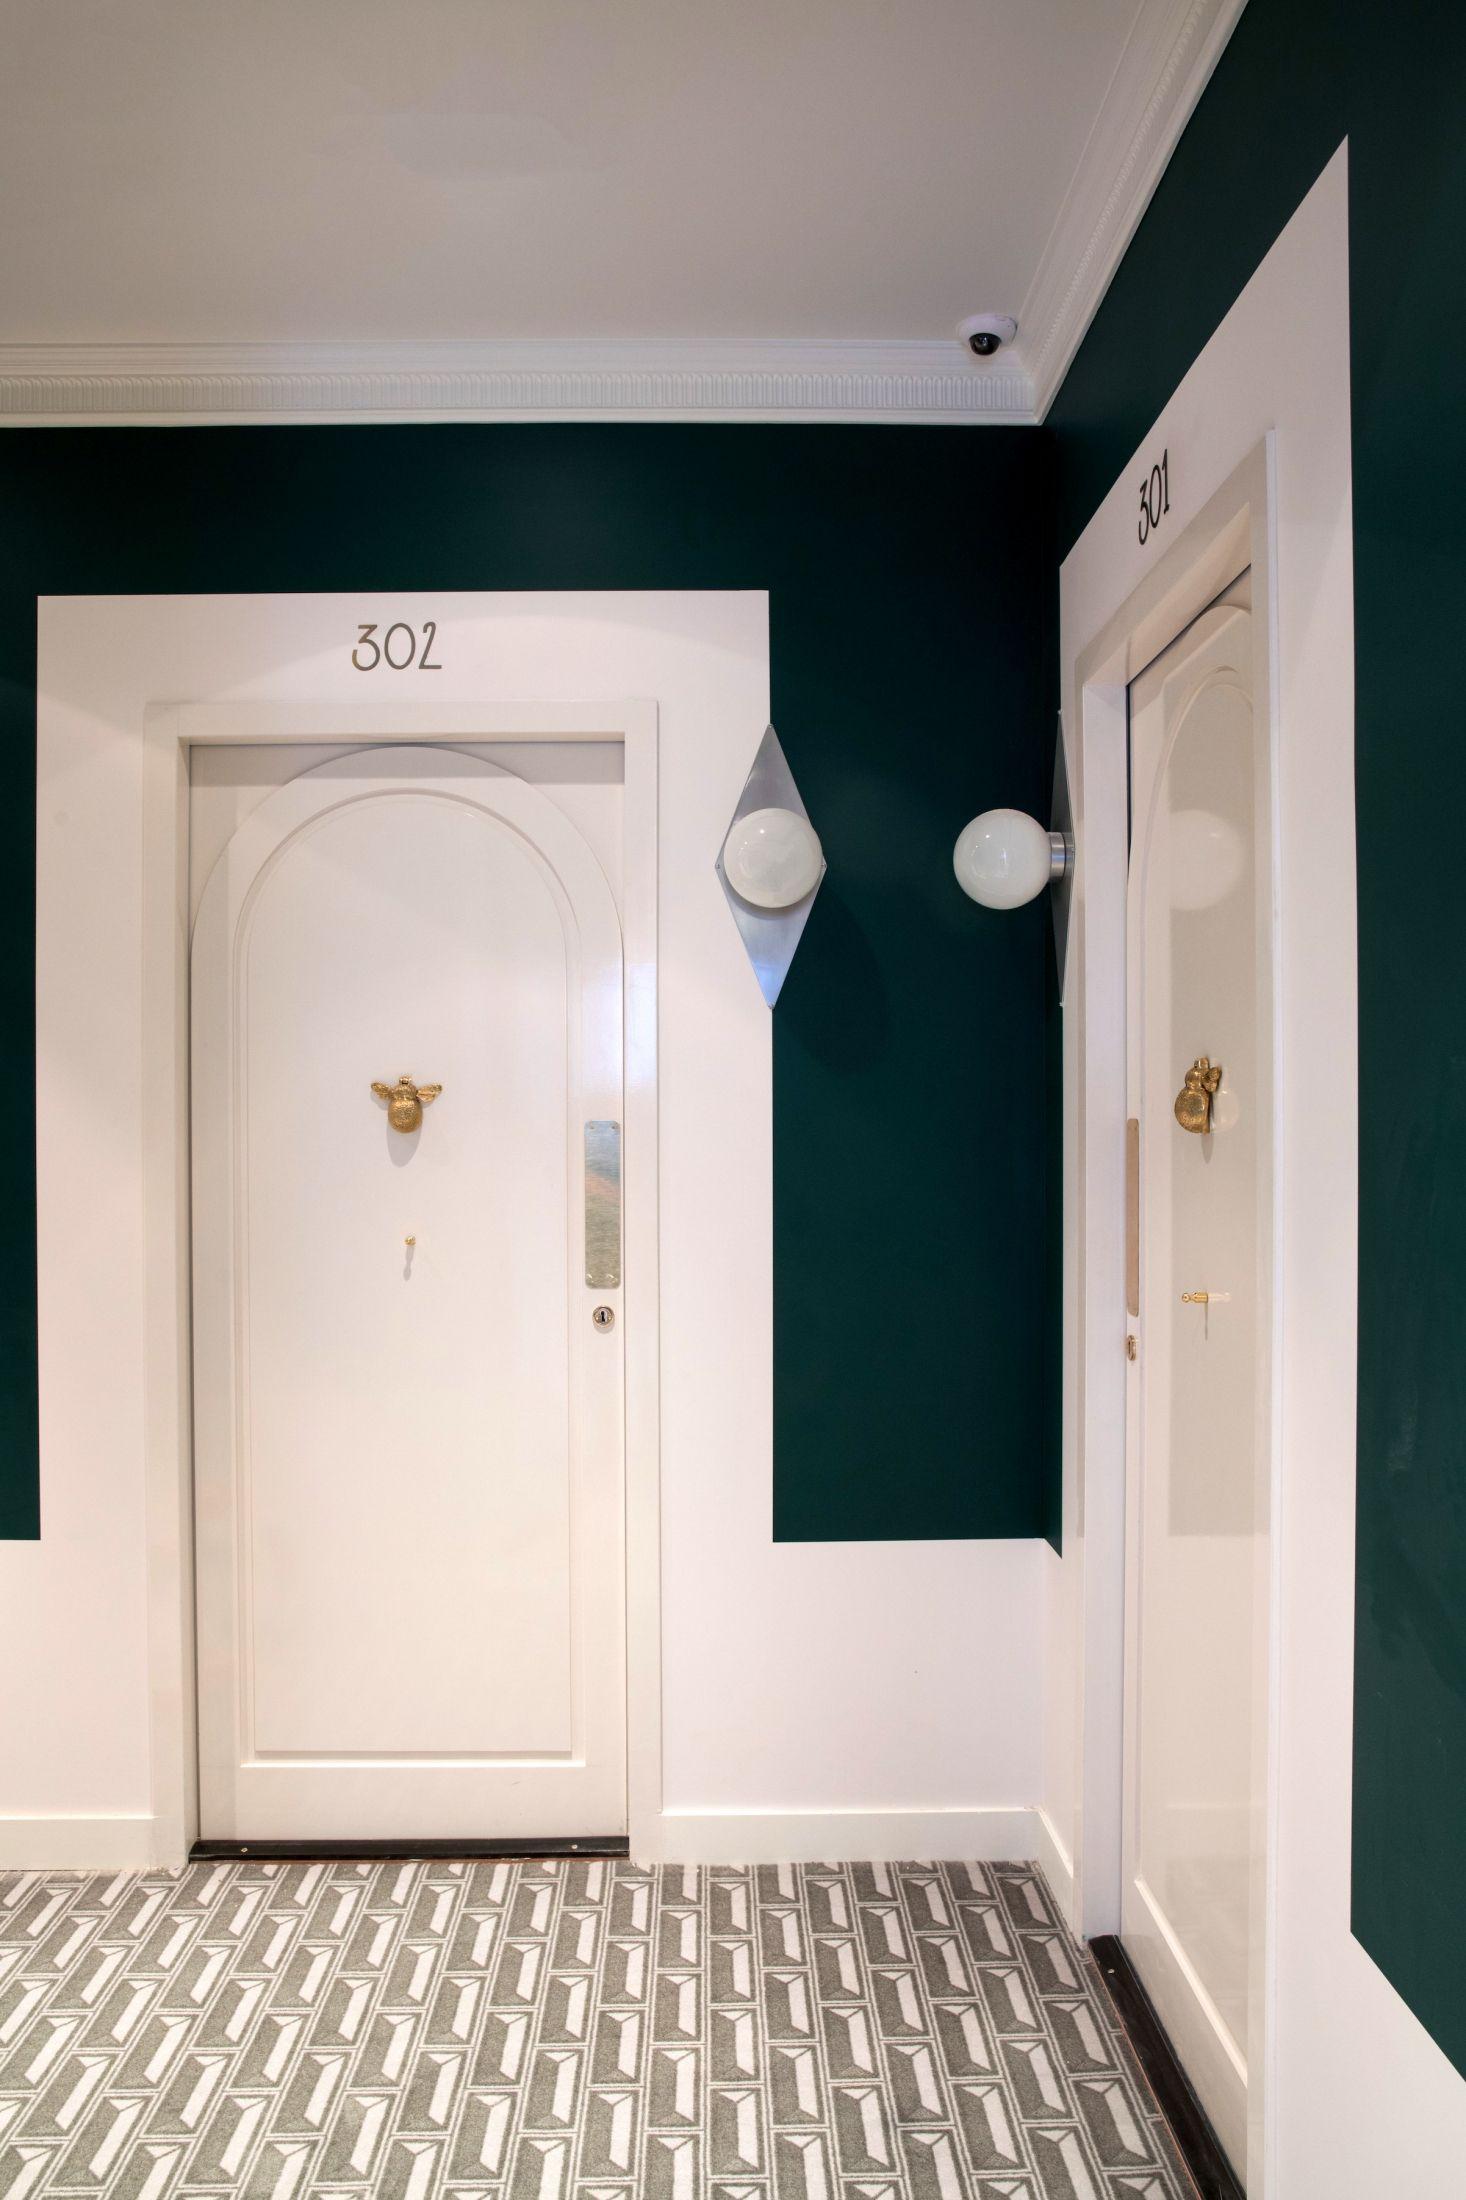 Hotel Des Grands Boulevards Paris Dorothee Meilichzon Hotel Hallway Hotel Doors Design Hotel Door